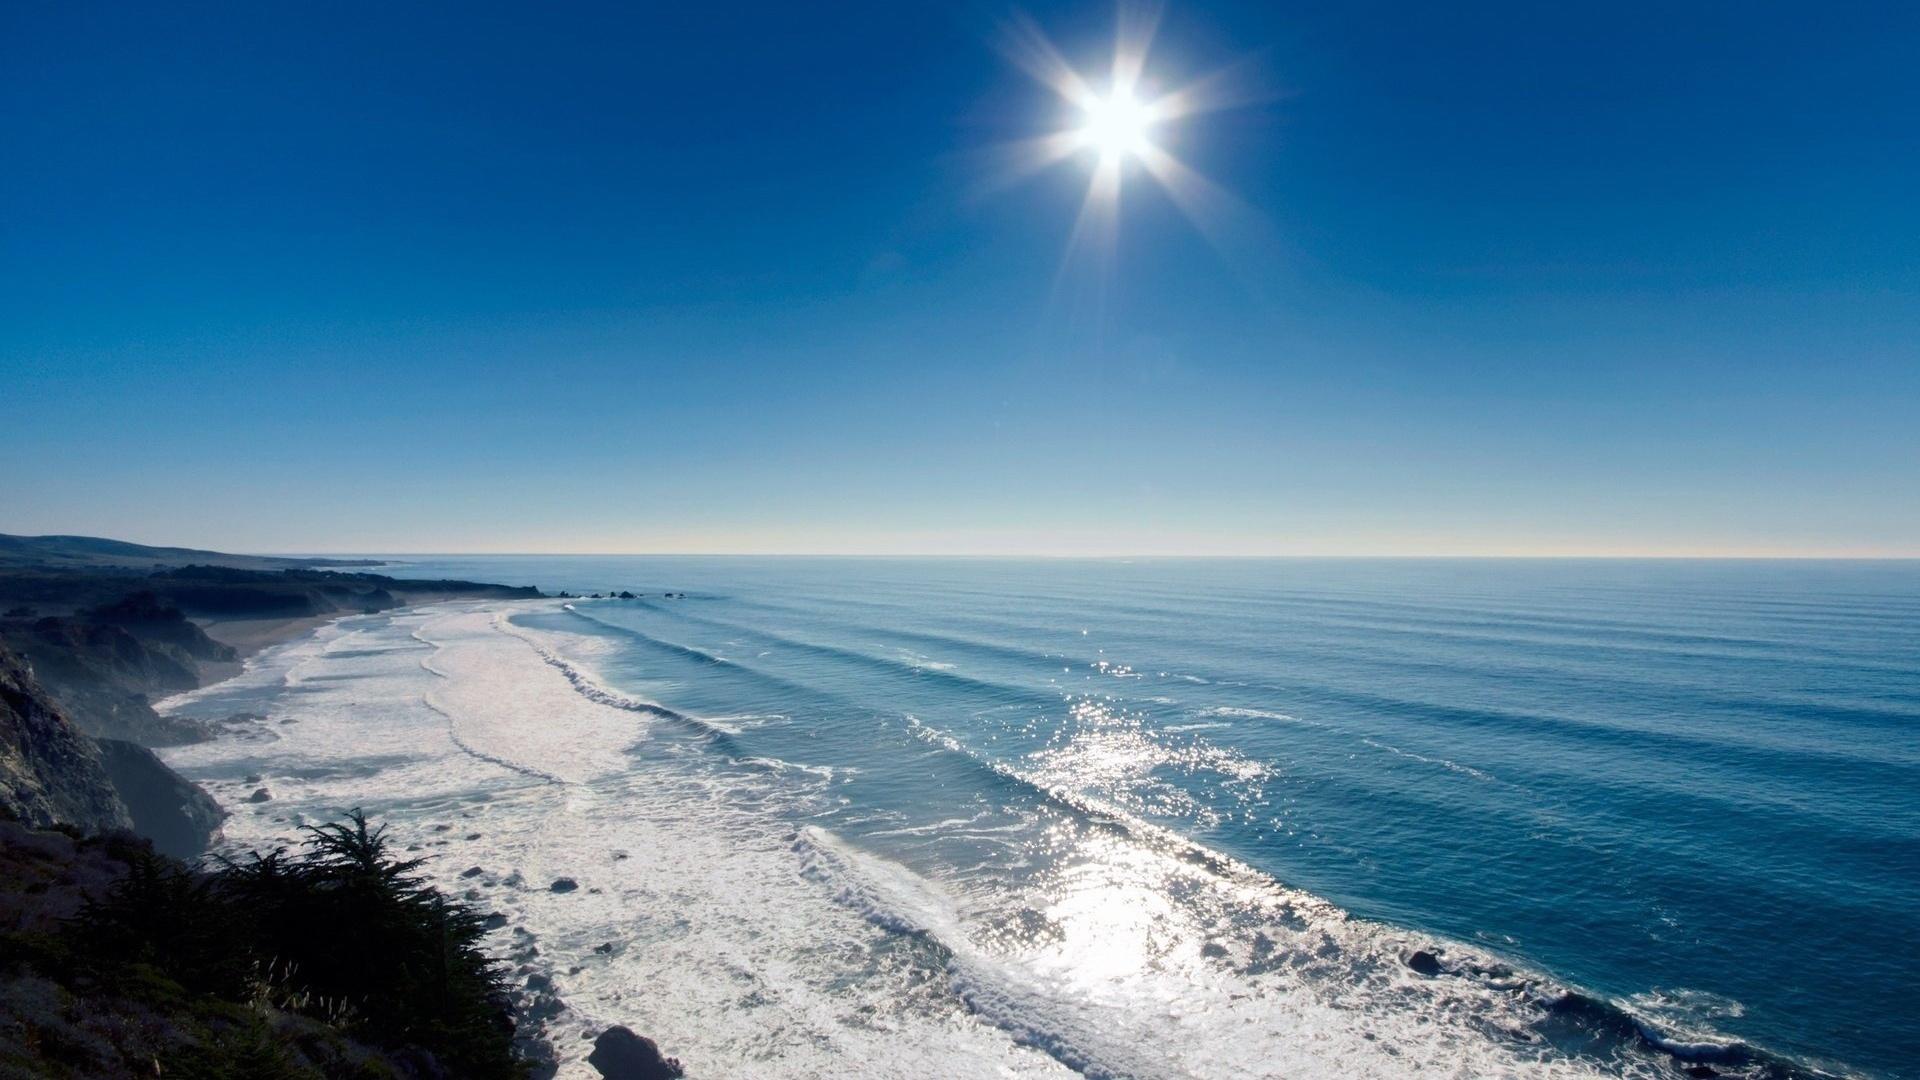 21927 Заставки и Обои Волны на телефон. Скачать Пейзаж, Море, Солнце, Волны картинки бесплатно